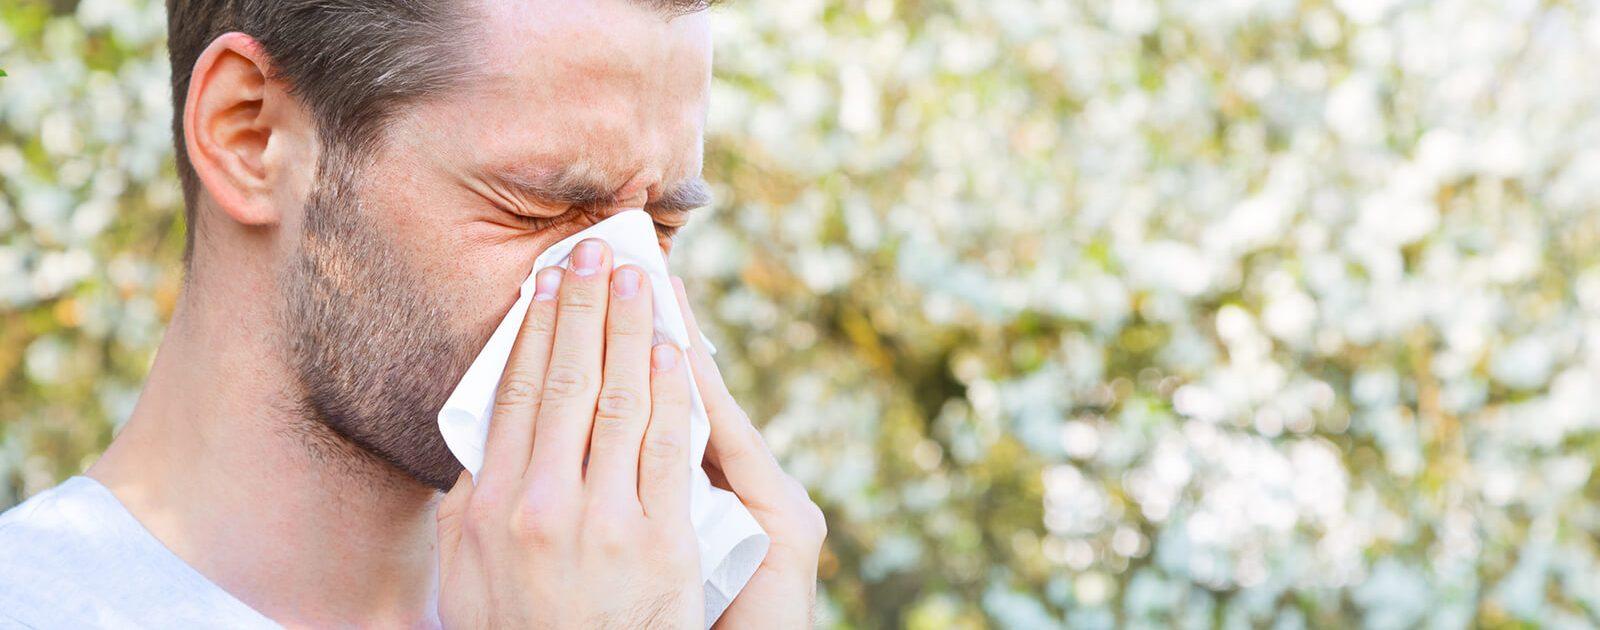 Ein Mann niest, weil er Heuschnupfen hat.